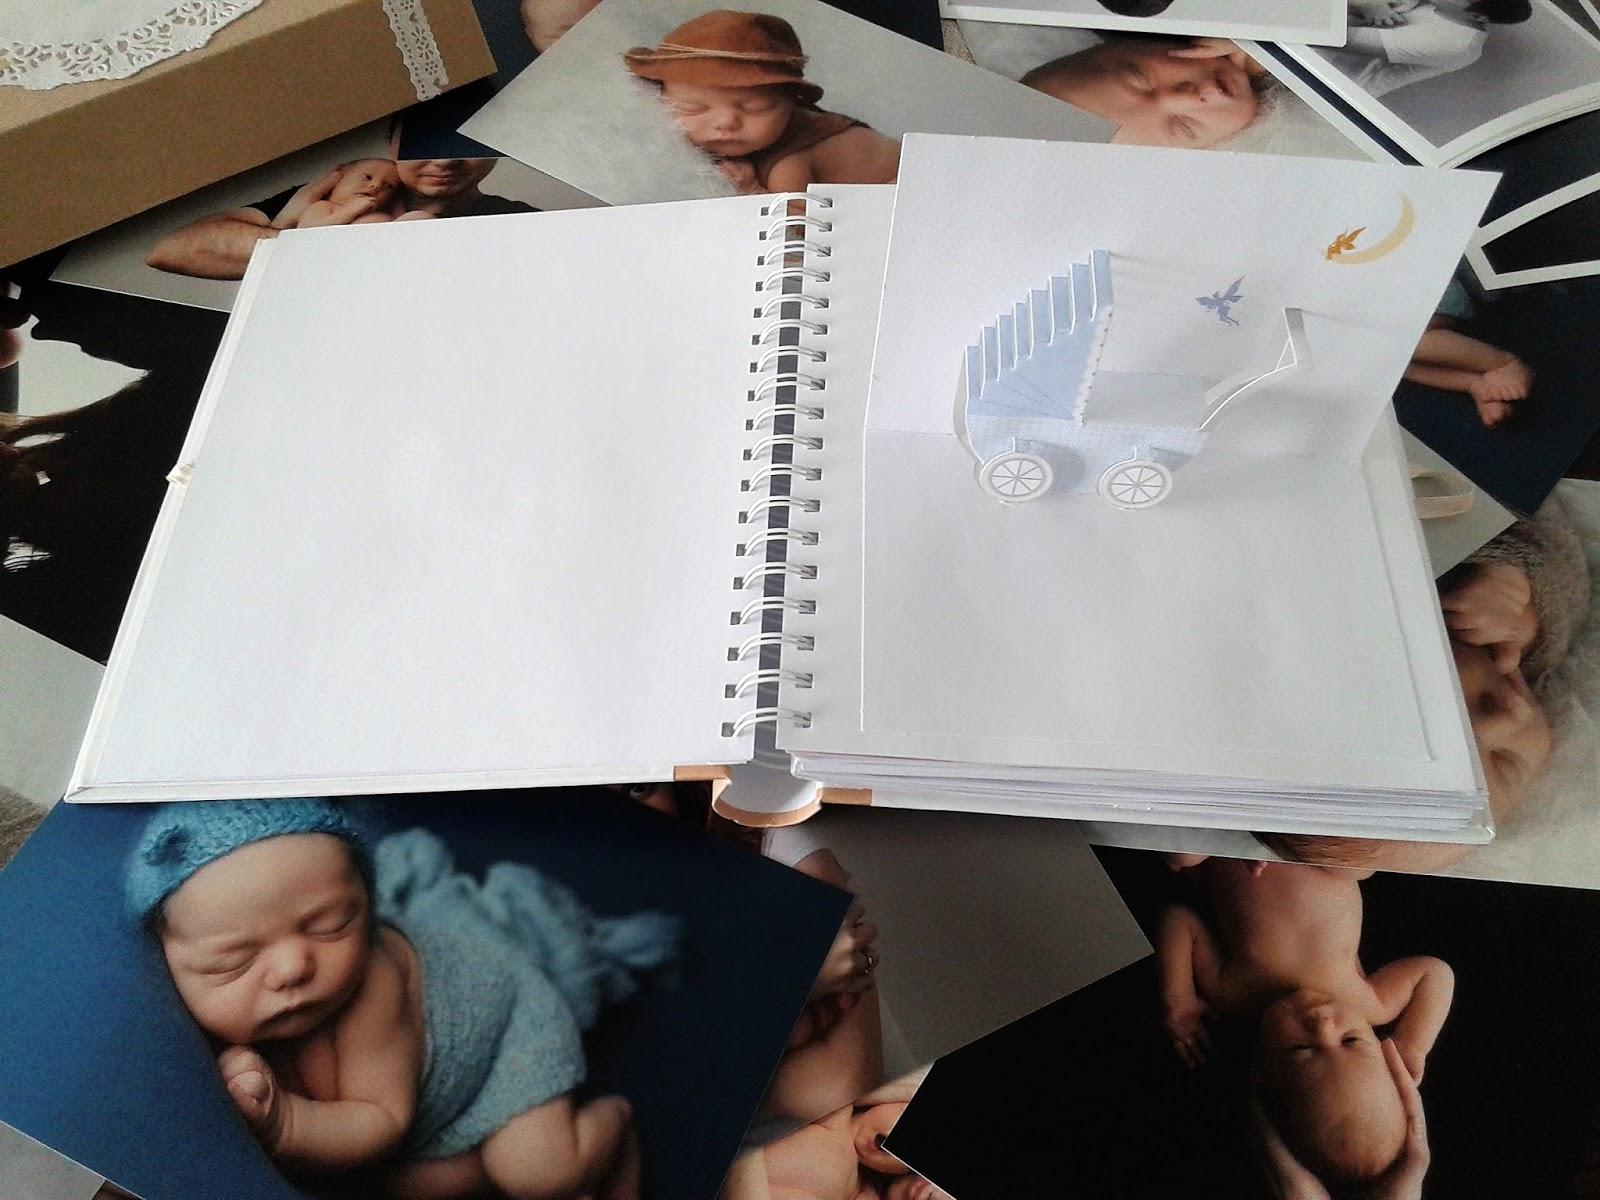 Album dziecka wydawnictwa arkady to zbiór najważniejszych chwil z życia dziecka. Wspaniała pamiątka dla dziecka i rodziców